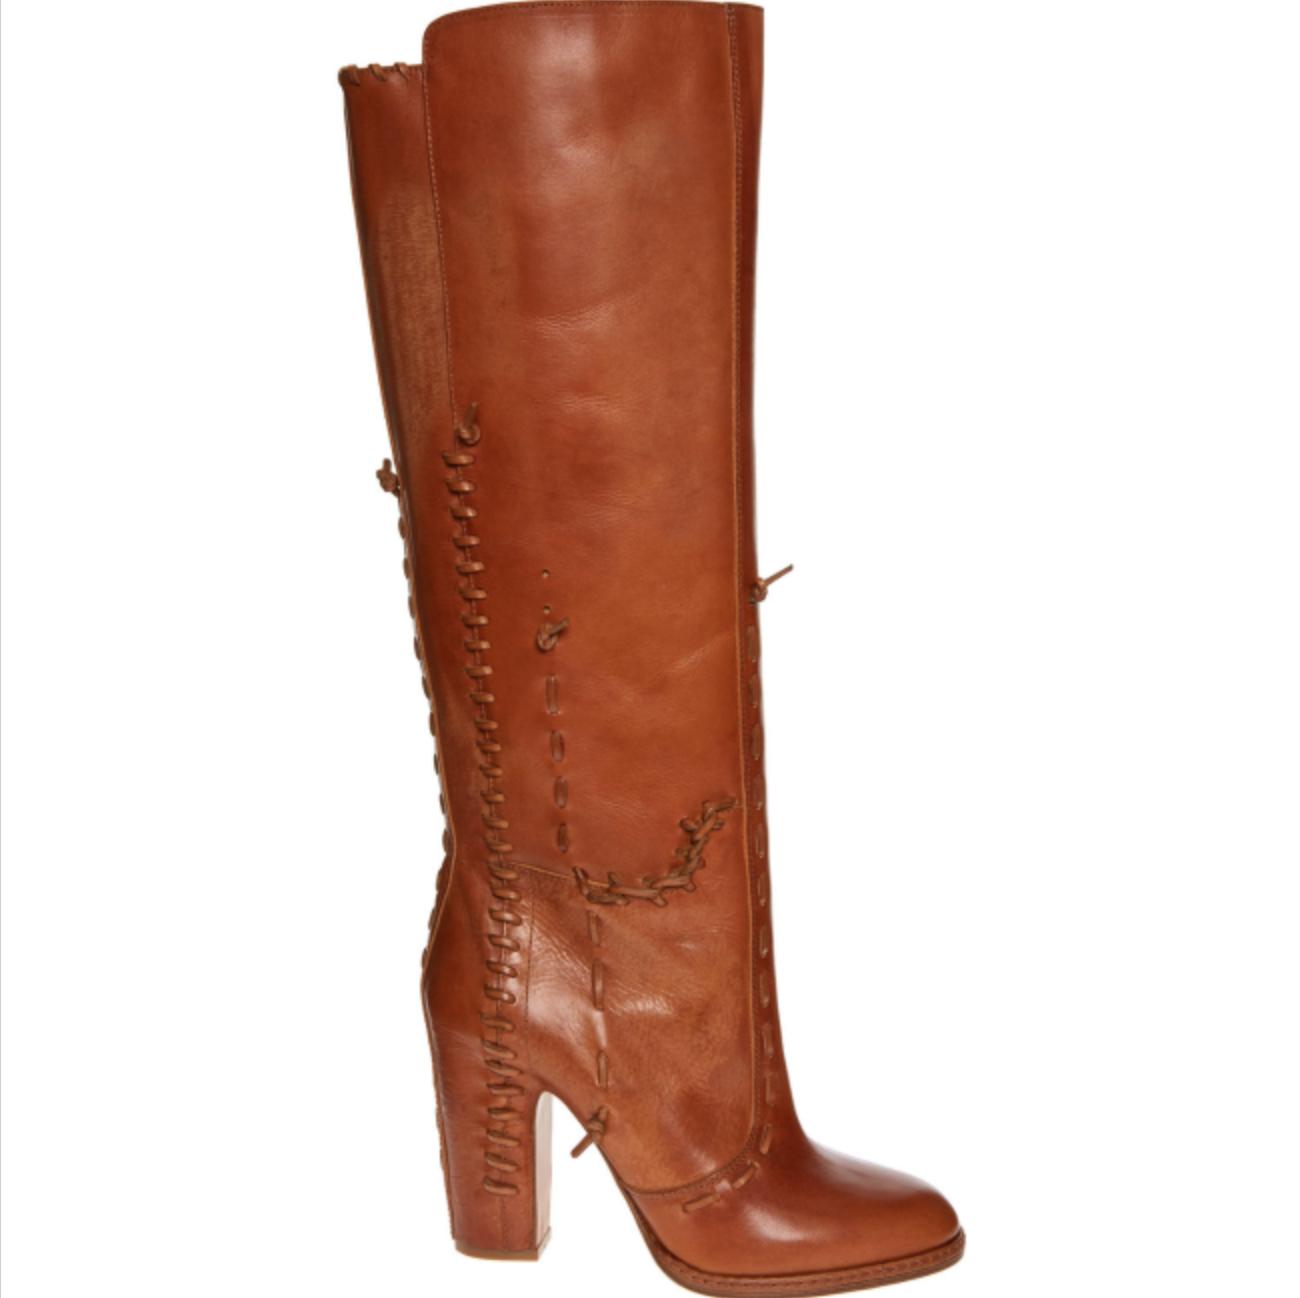 MAISON MARTIN MARGIELA Tall Leather Stiefel With Leather Stitch Detail UK 7 EU 40    Lass unsere Waren in die Welt gehen